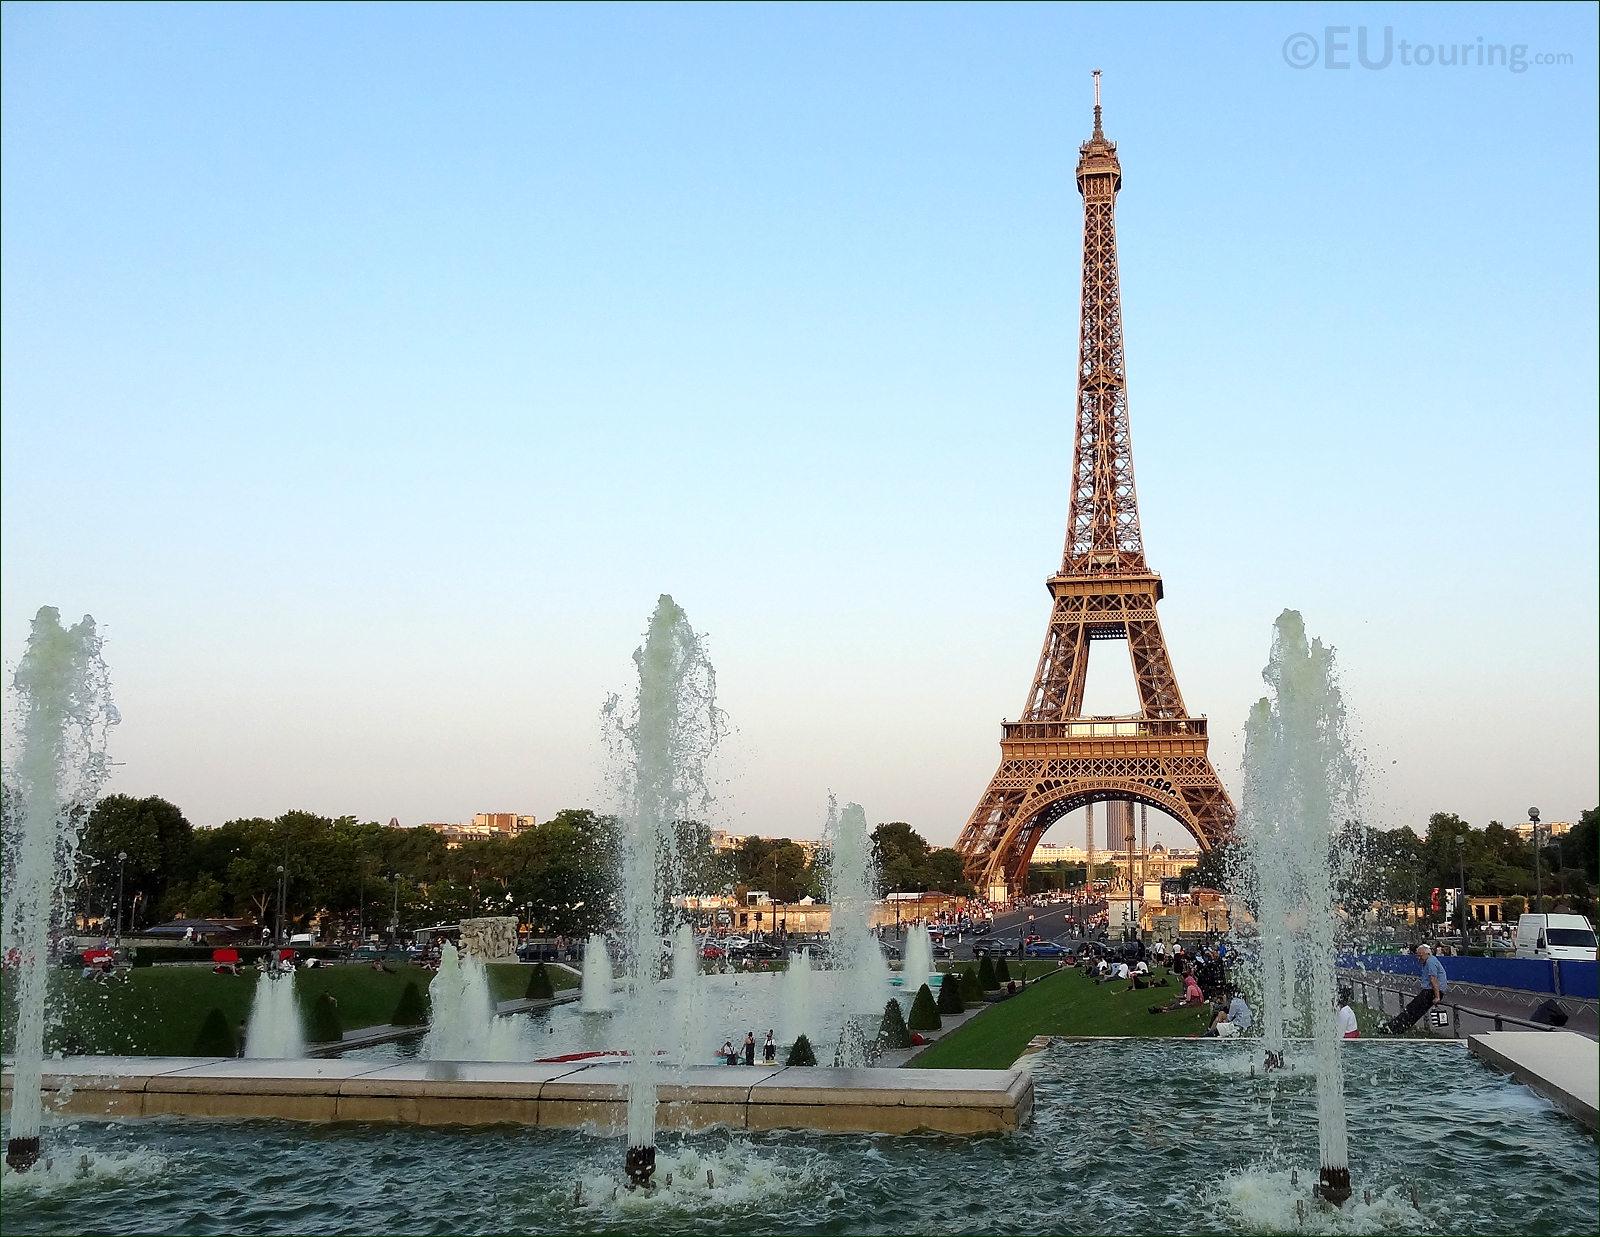 Photo images of jardins du trocadero gardens in paris - Aquarium de paris jardin du trocadero ...